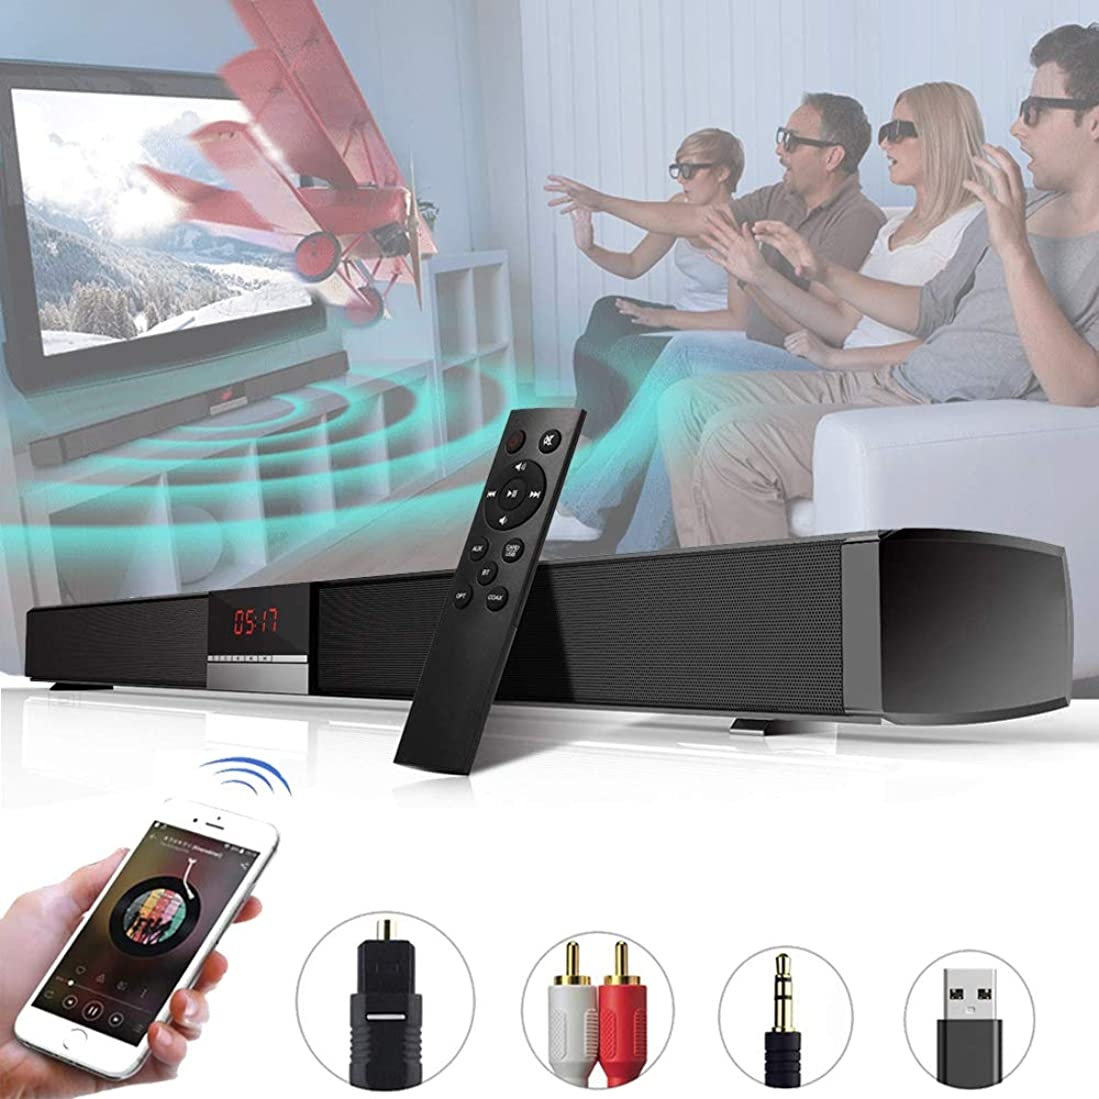 盲目不良ローンサウンドバー TVスピーカー ホームシアターシステム 高音質内蔵サブウーファー 【Bluetooth/OPT/RCA/AUX /USB 】5つの接続方法 ,壁掛け,リモートコントロール付